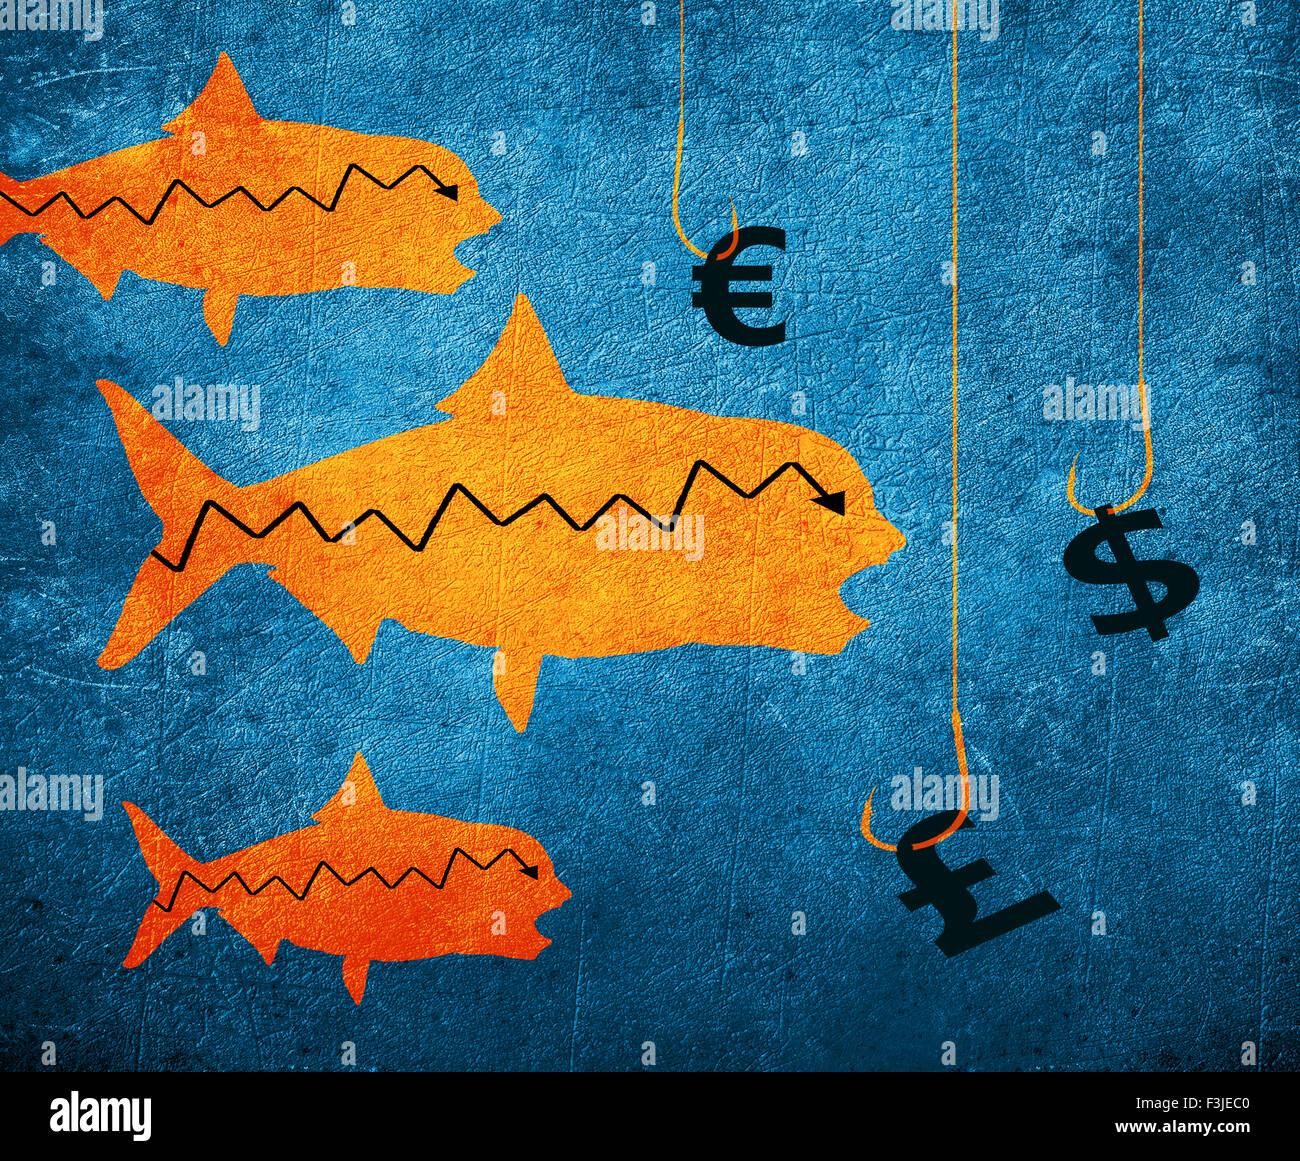 Peces anzuelo y dinero símbolo ilustración digital Imagen De Stock